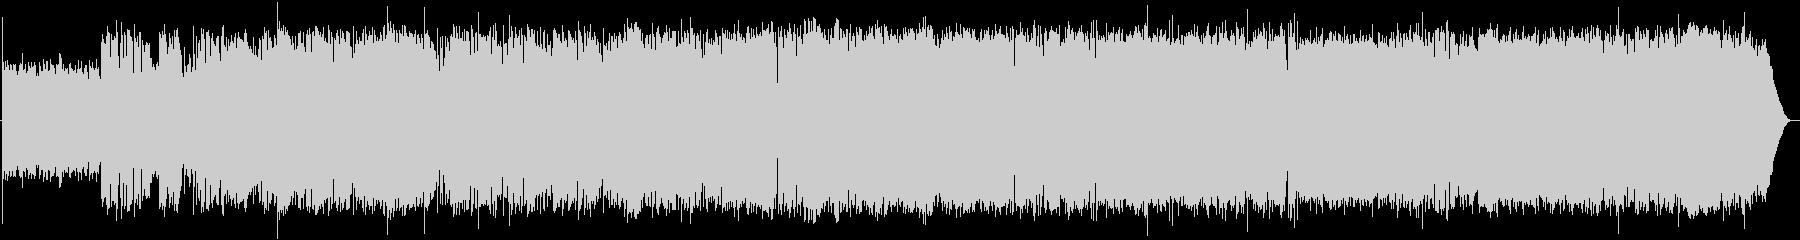 英語洋楽:後期ビートルズ・屋上演奏R&Rの未再生の波形